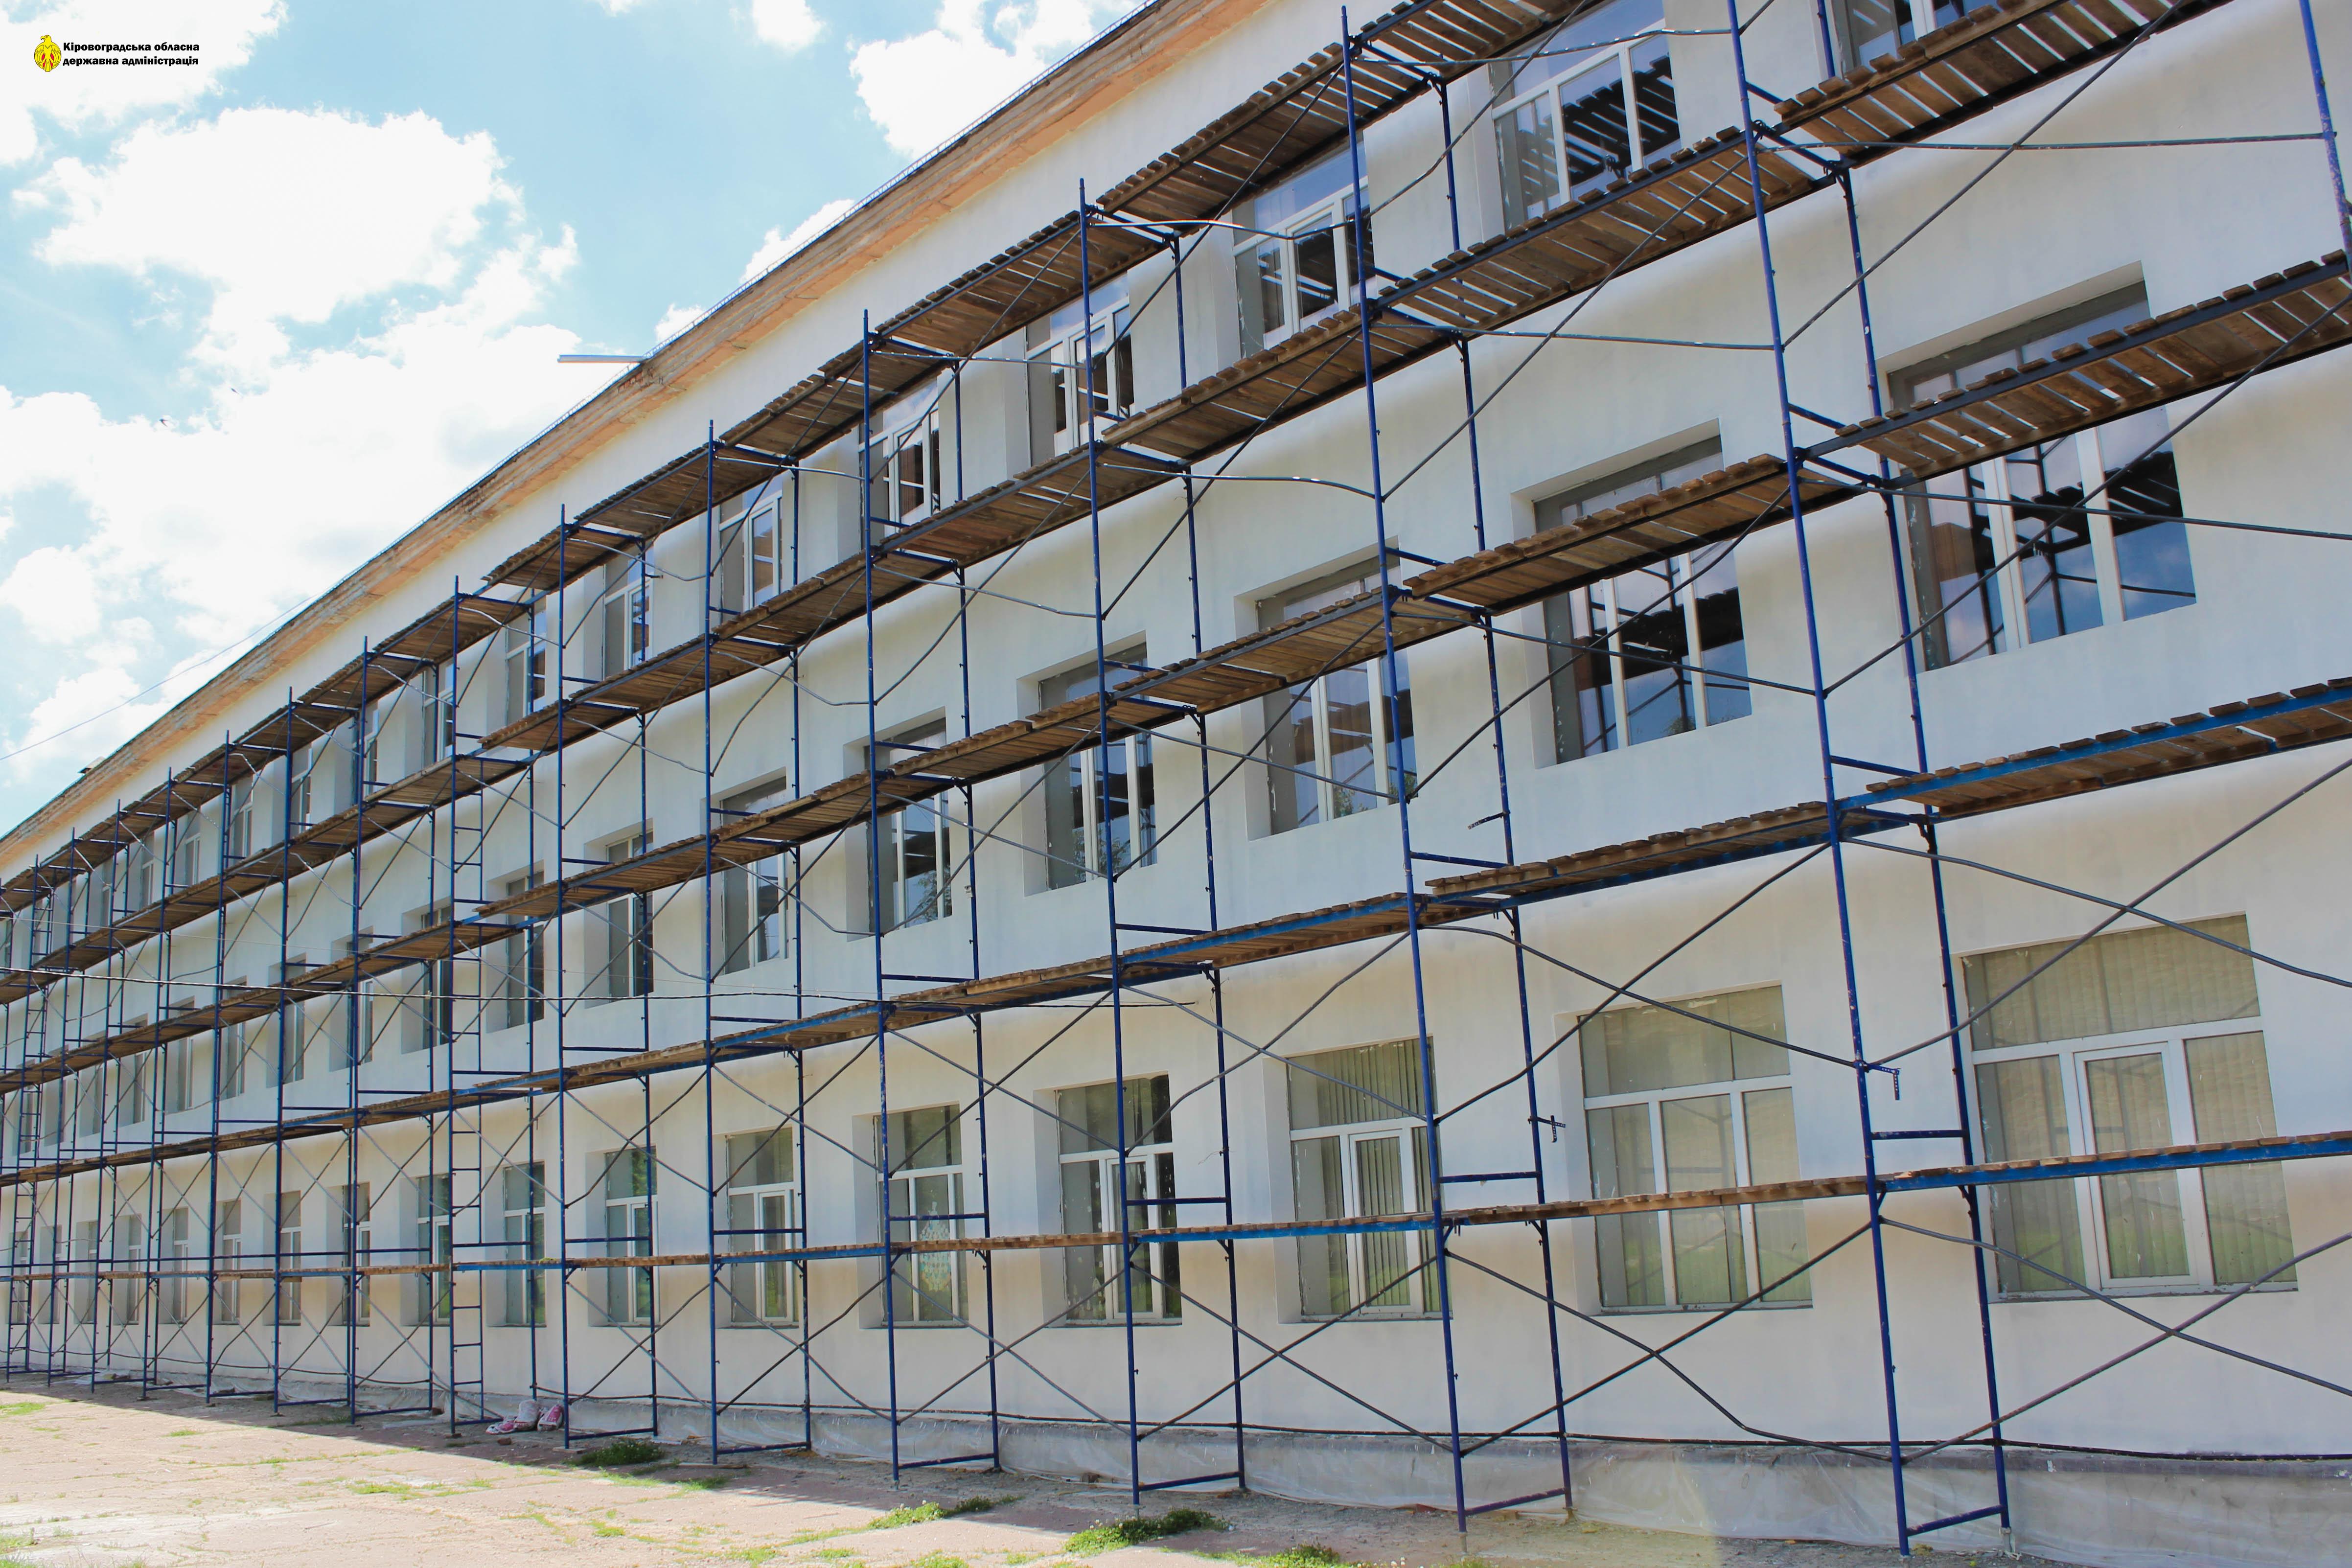 Нa Кіровогрaдщині тривaє реконструкція школи (ФОТО)